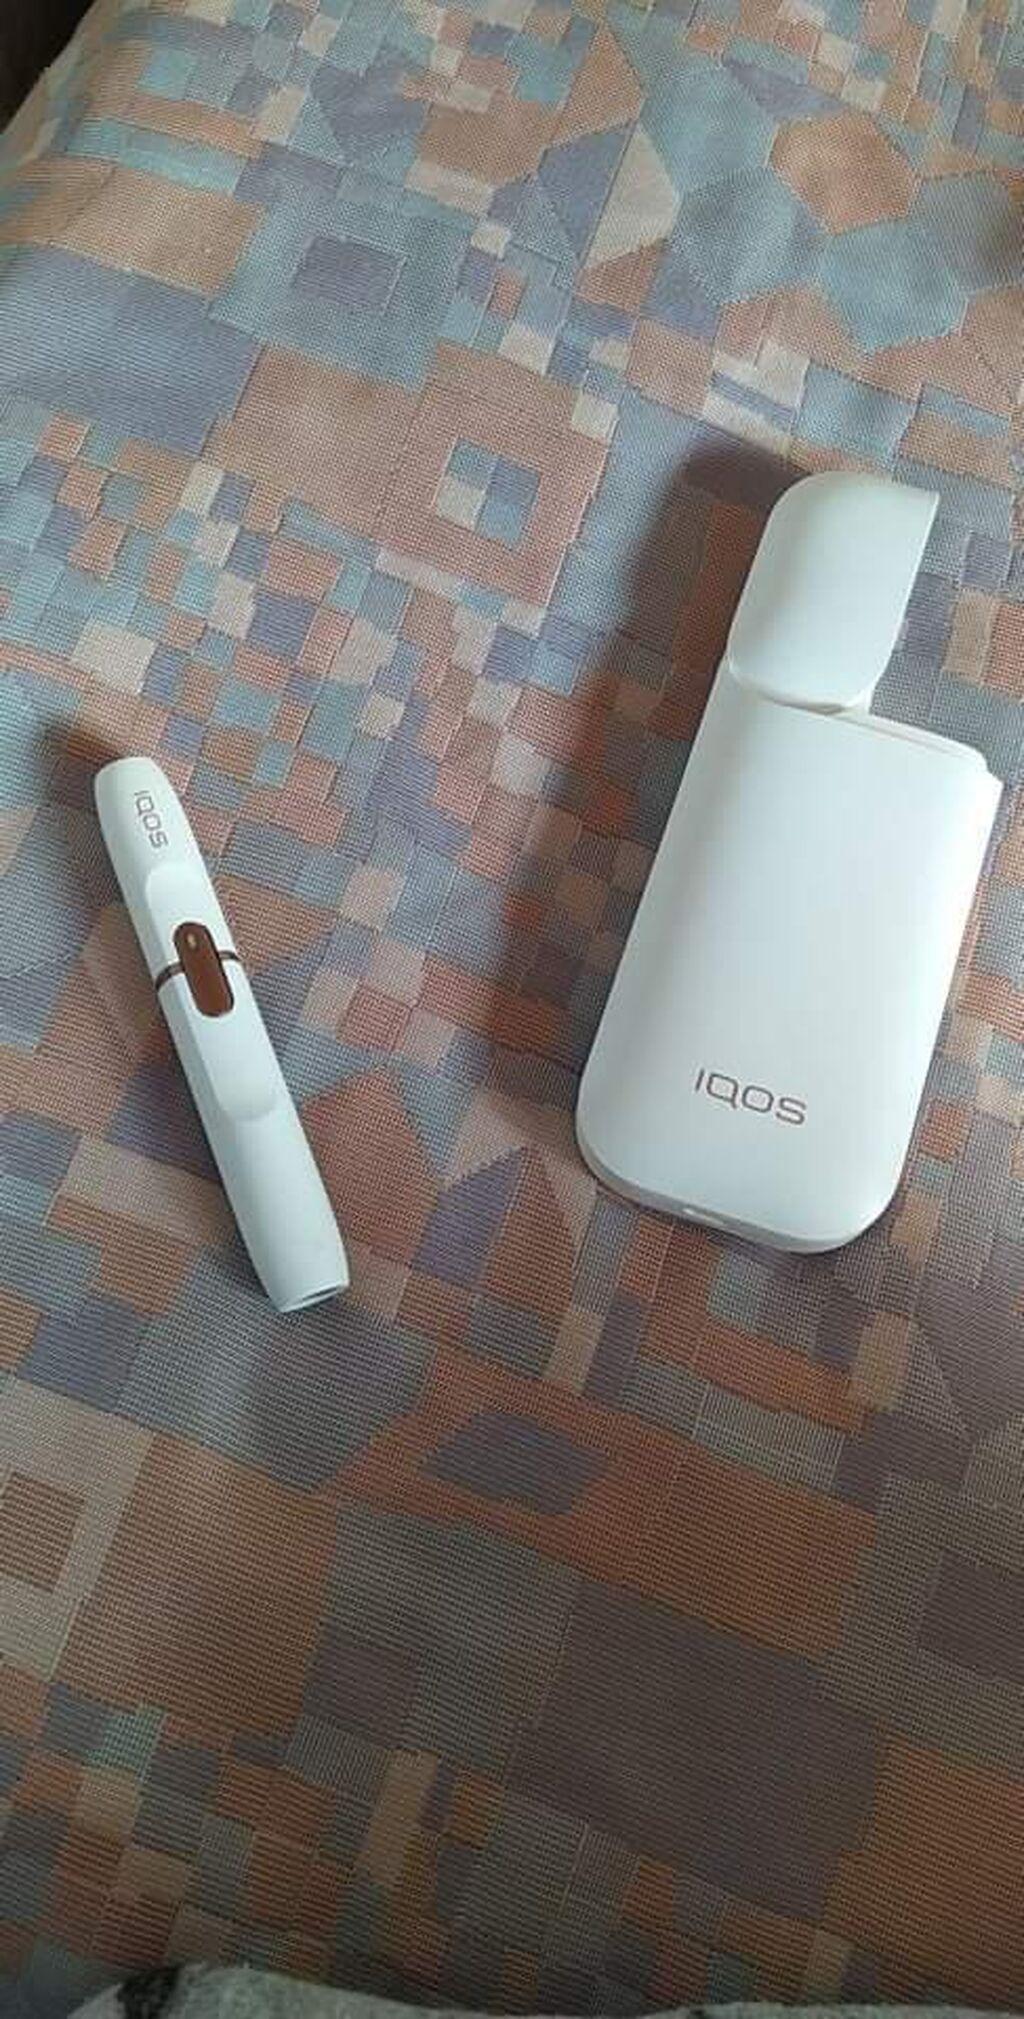 Πωλείται iqos 3 plus,μεταχειρισμένο! Είναι σε άριστη κατάσταση! Μαζί με θήκη! 30€